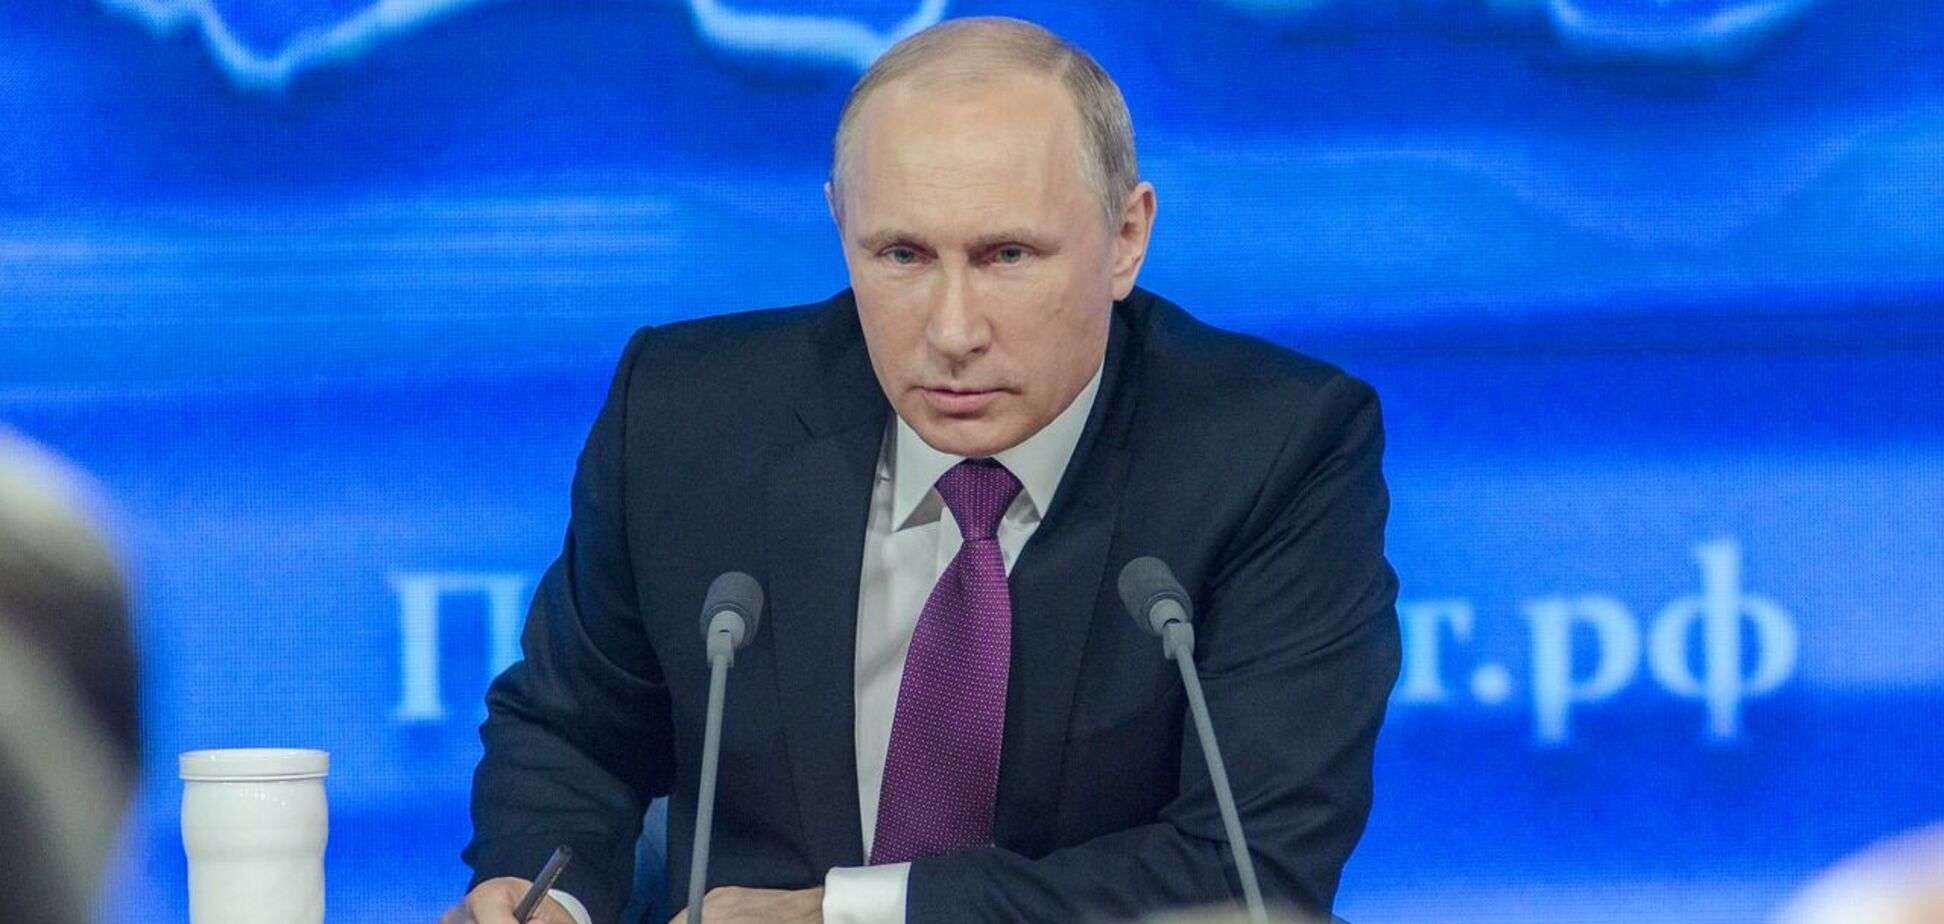 Шендерович о Путине: смерть тирана сохраняет тысячи человеческих жизней, радоваться ей – правильно